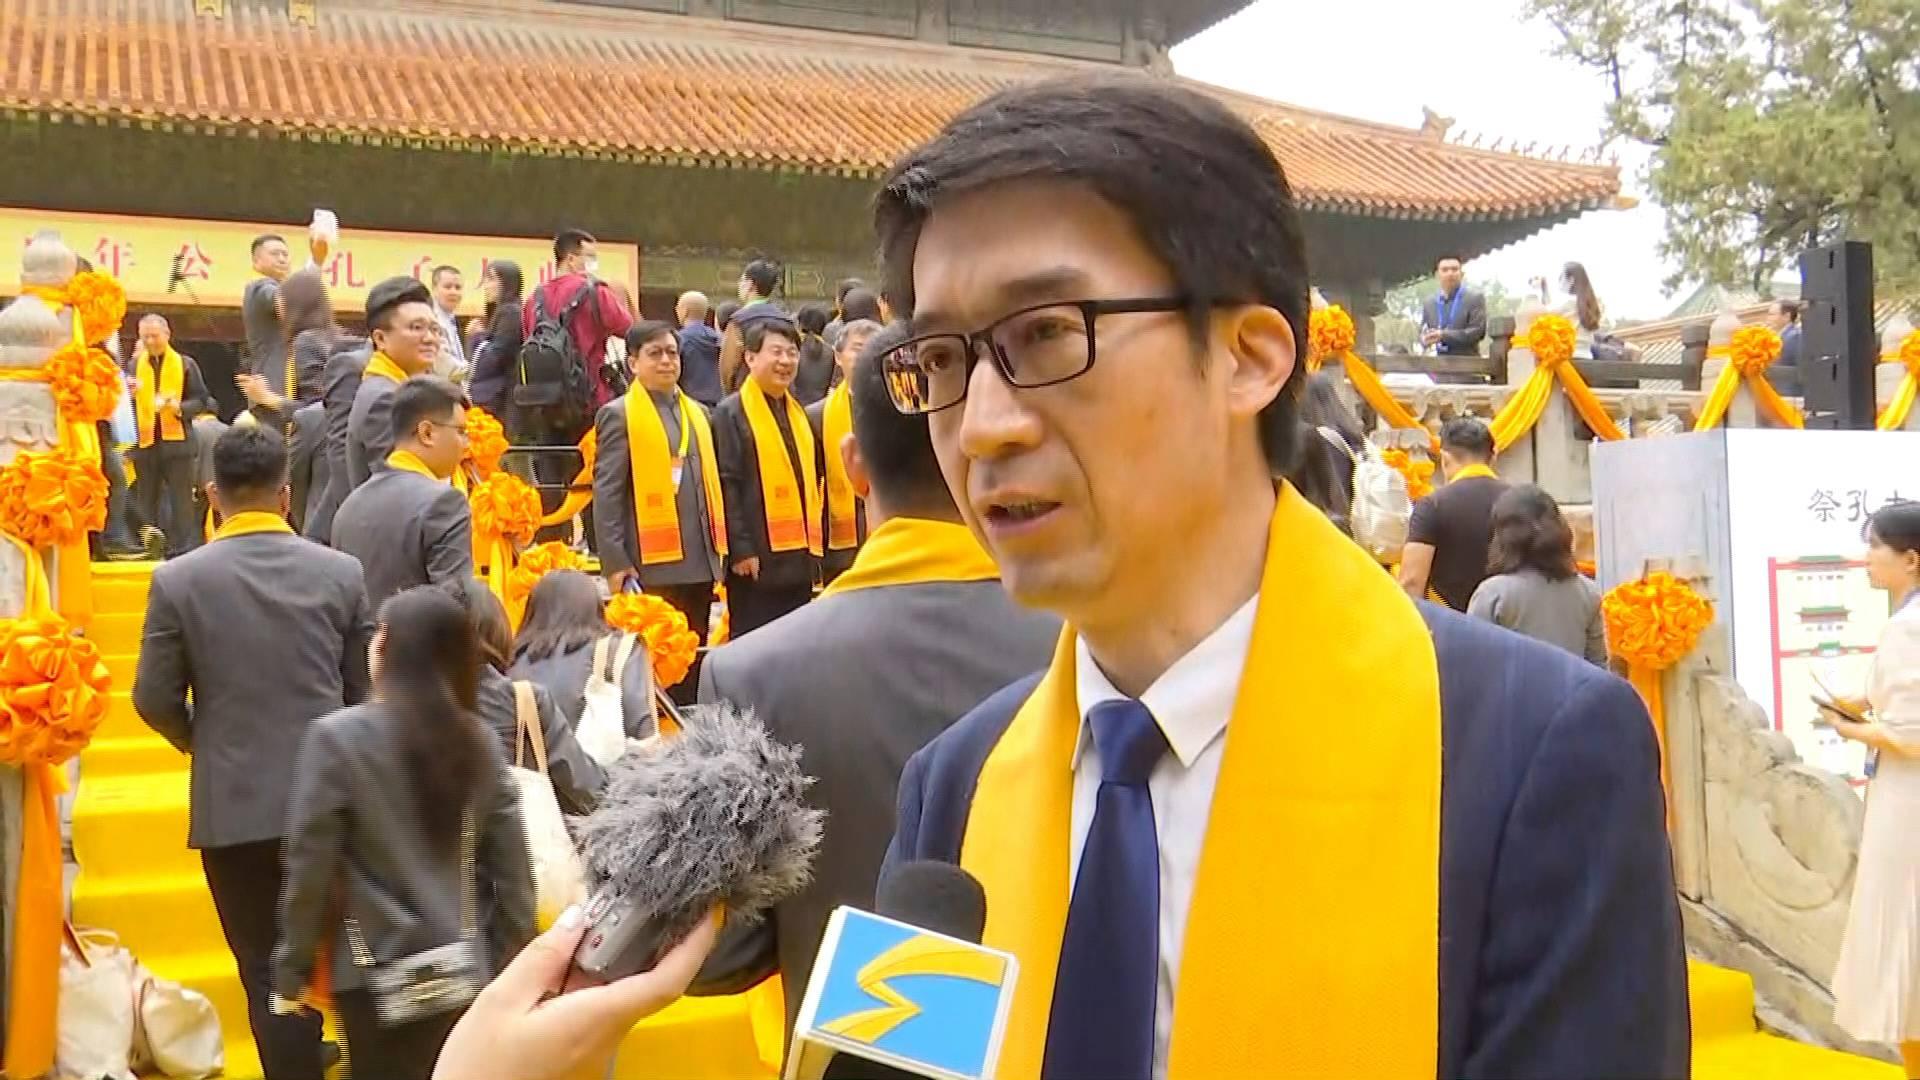 南京大学新闻传播学院教授、博士生导师周凯:在传统文化传播过程中一定要有仪式感